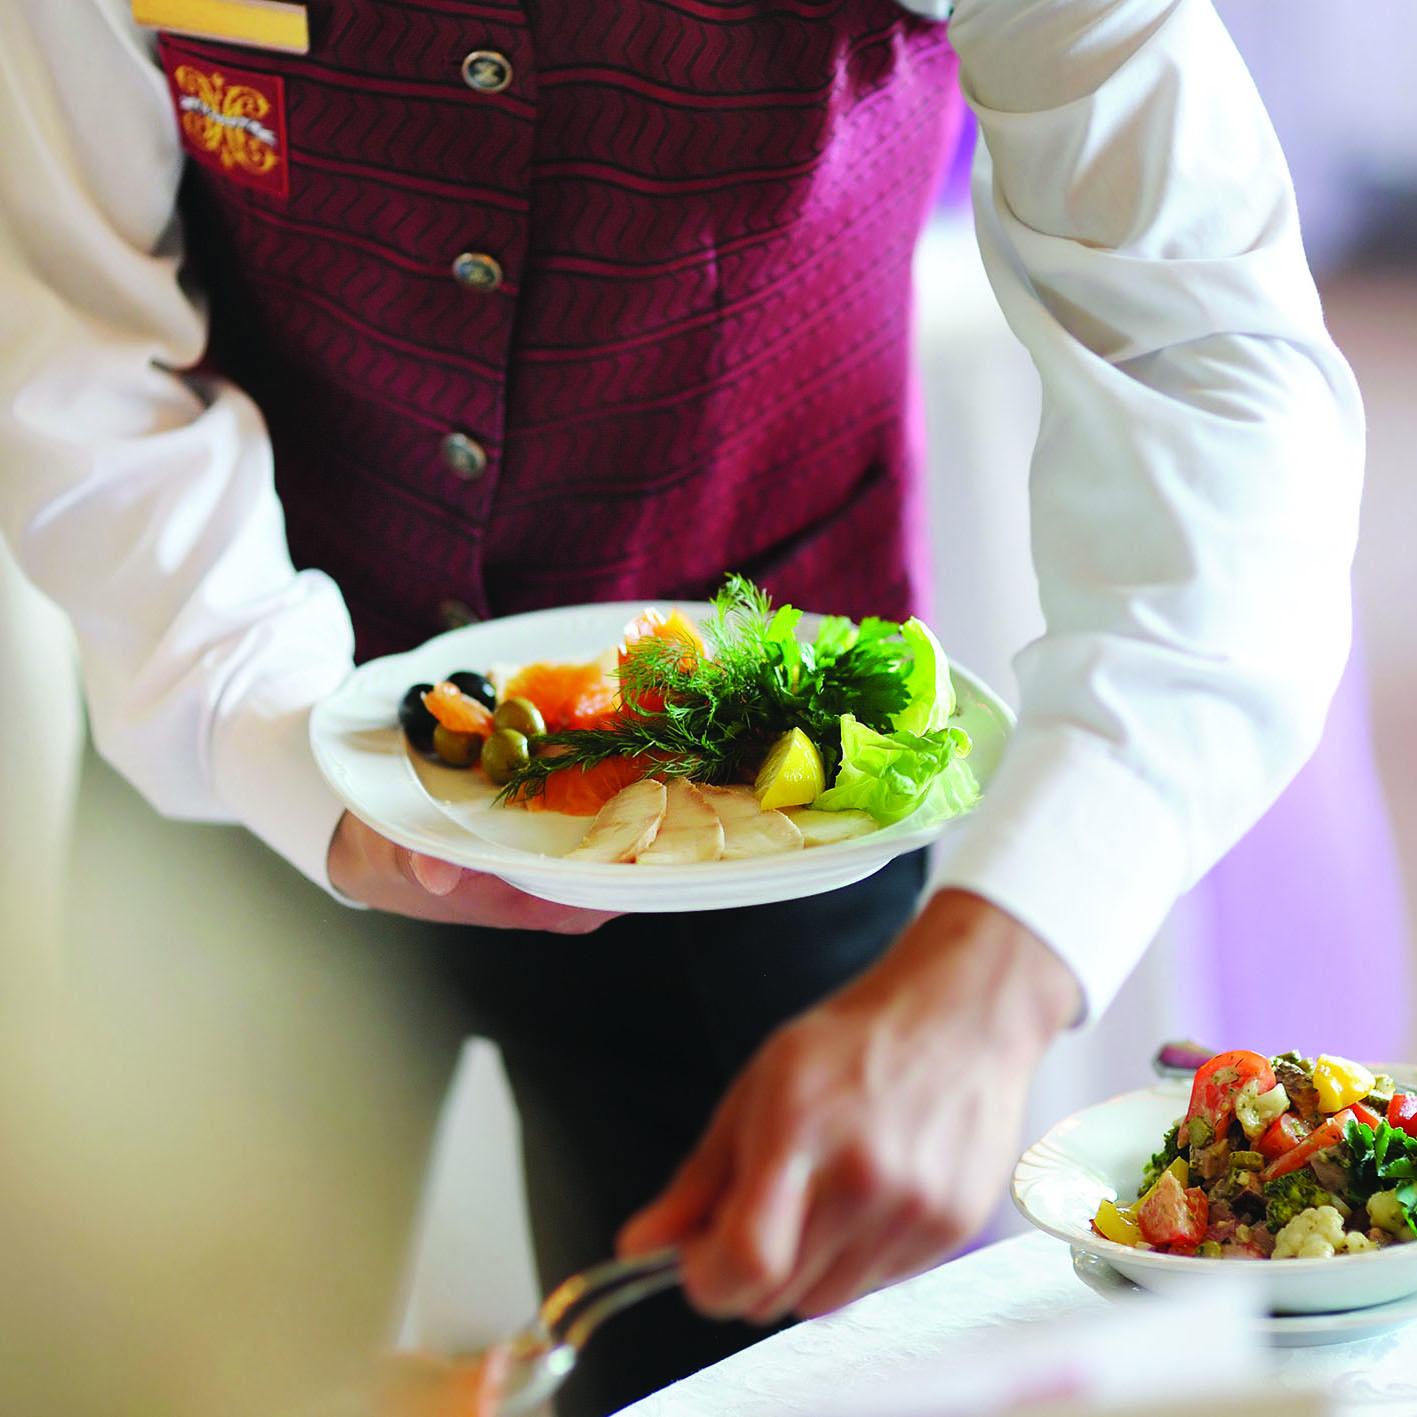 Operatore della ristorazione – Allestimento sala e somministrazione piatti e bevande